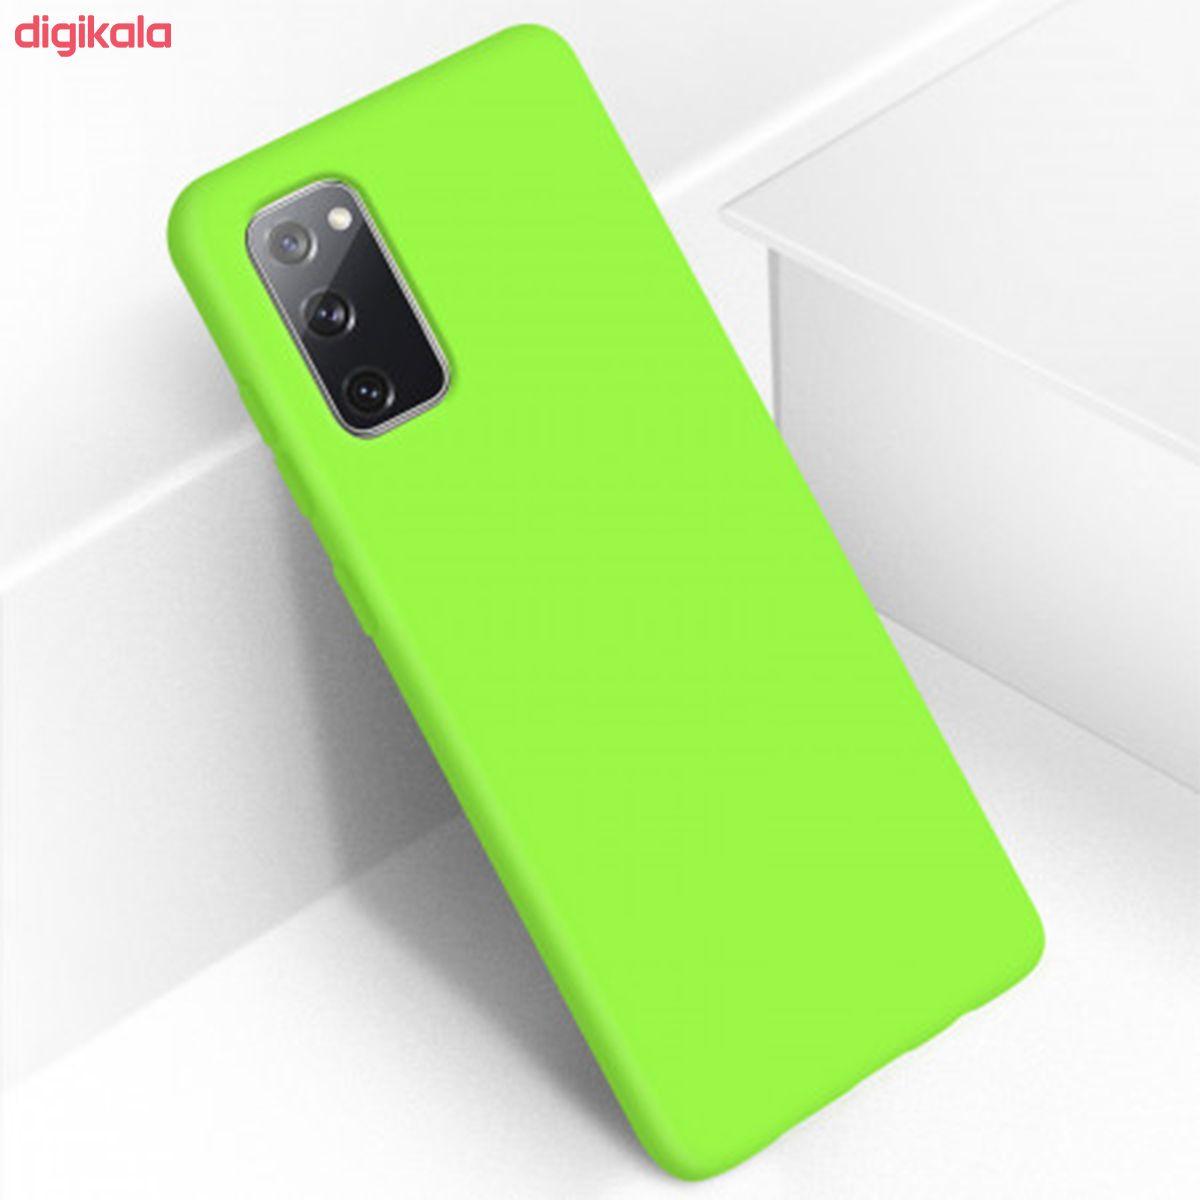 کاور مدل PHSIILK مناسب برای گوشی موبایل سامسونگ Galaxy S20 FE main 1 6